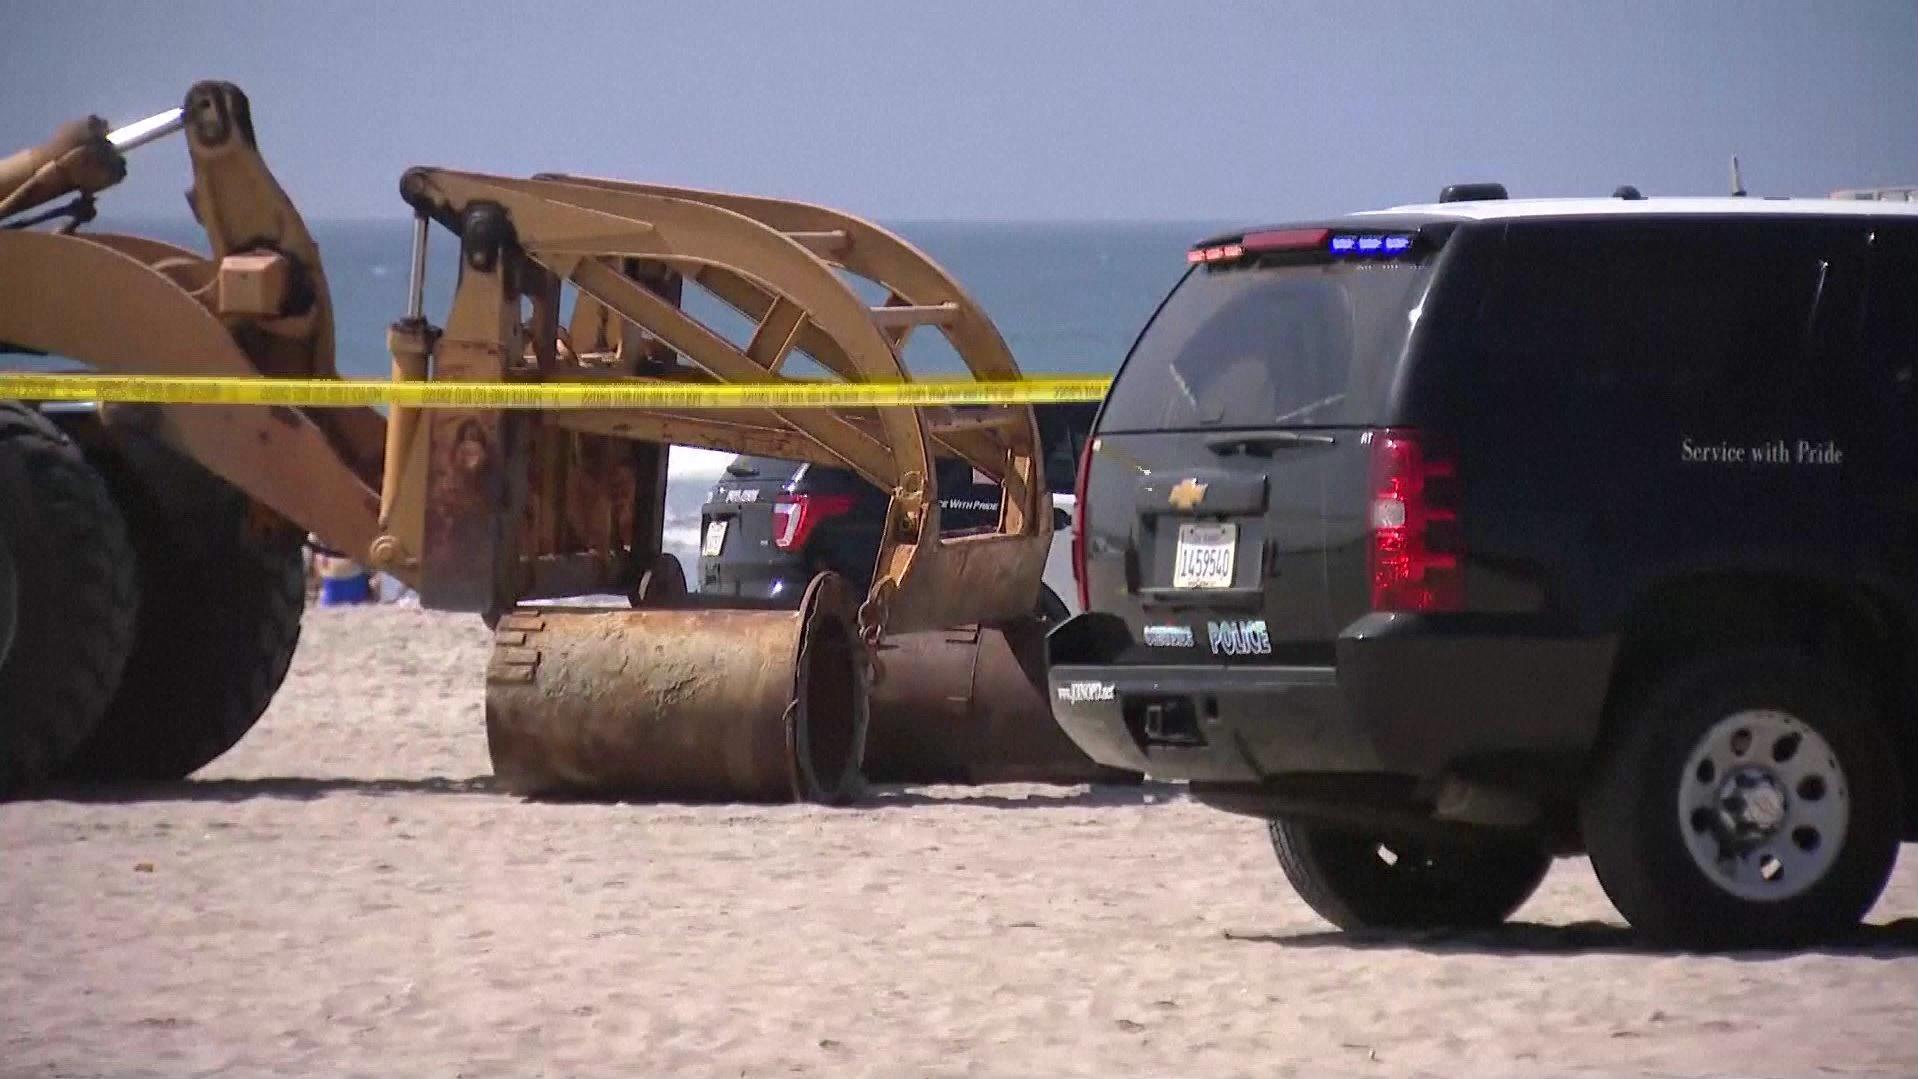 Kalifornien: Traktor überrollt am Strand liegende Frau